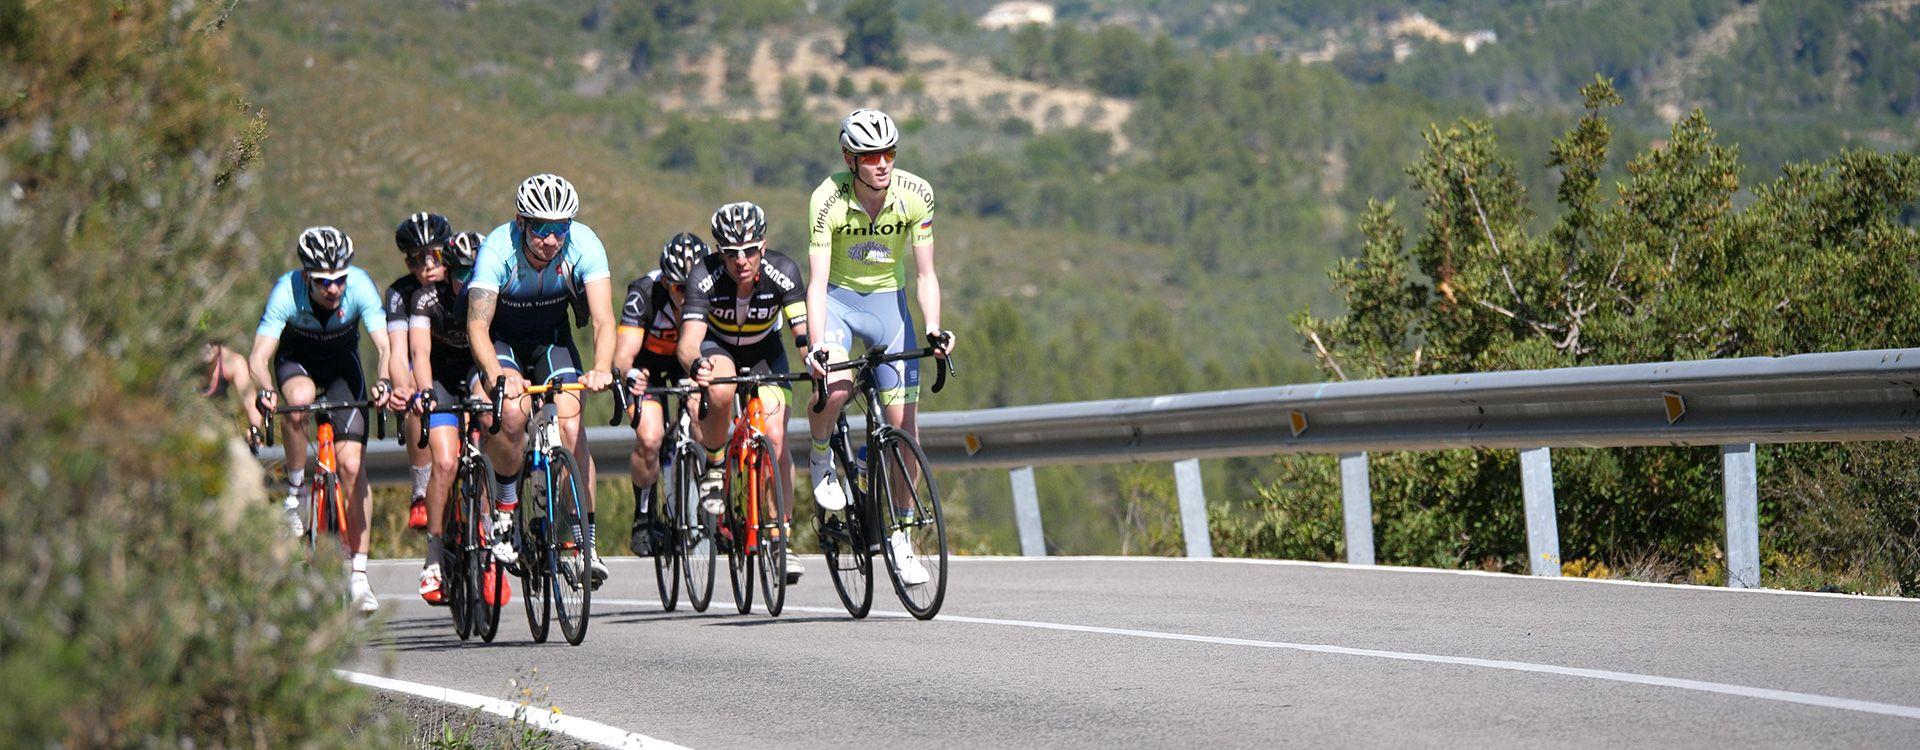 Trainen op de racefiets in Calpe